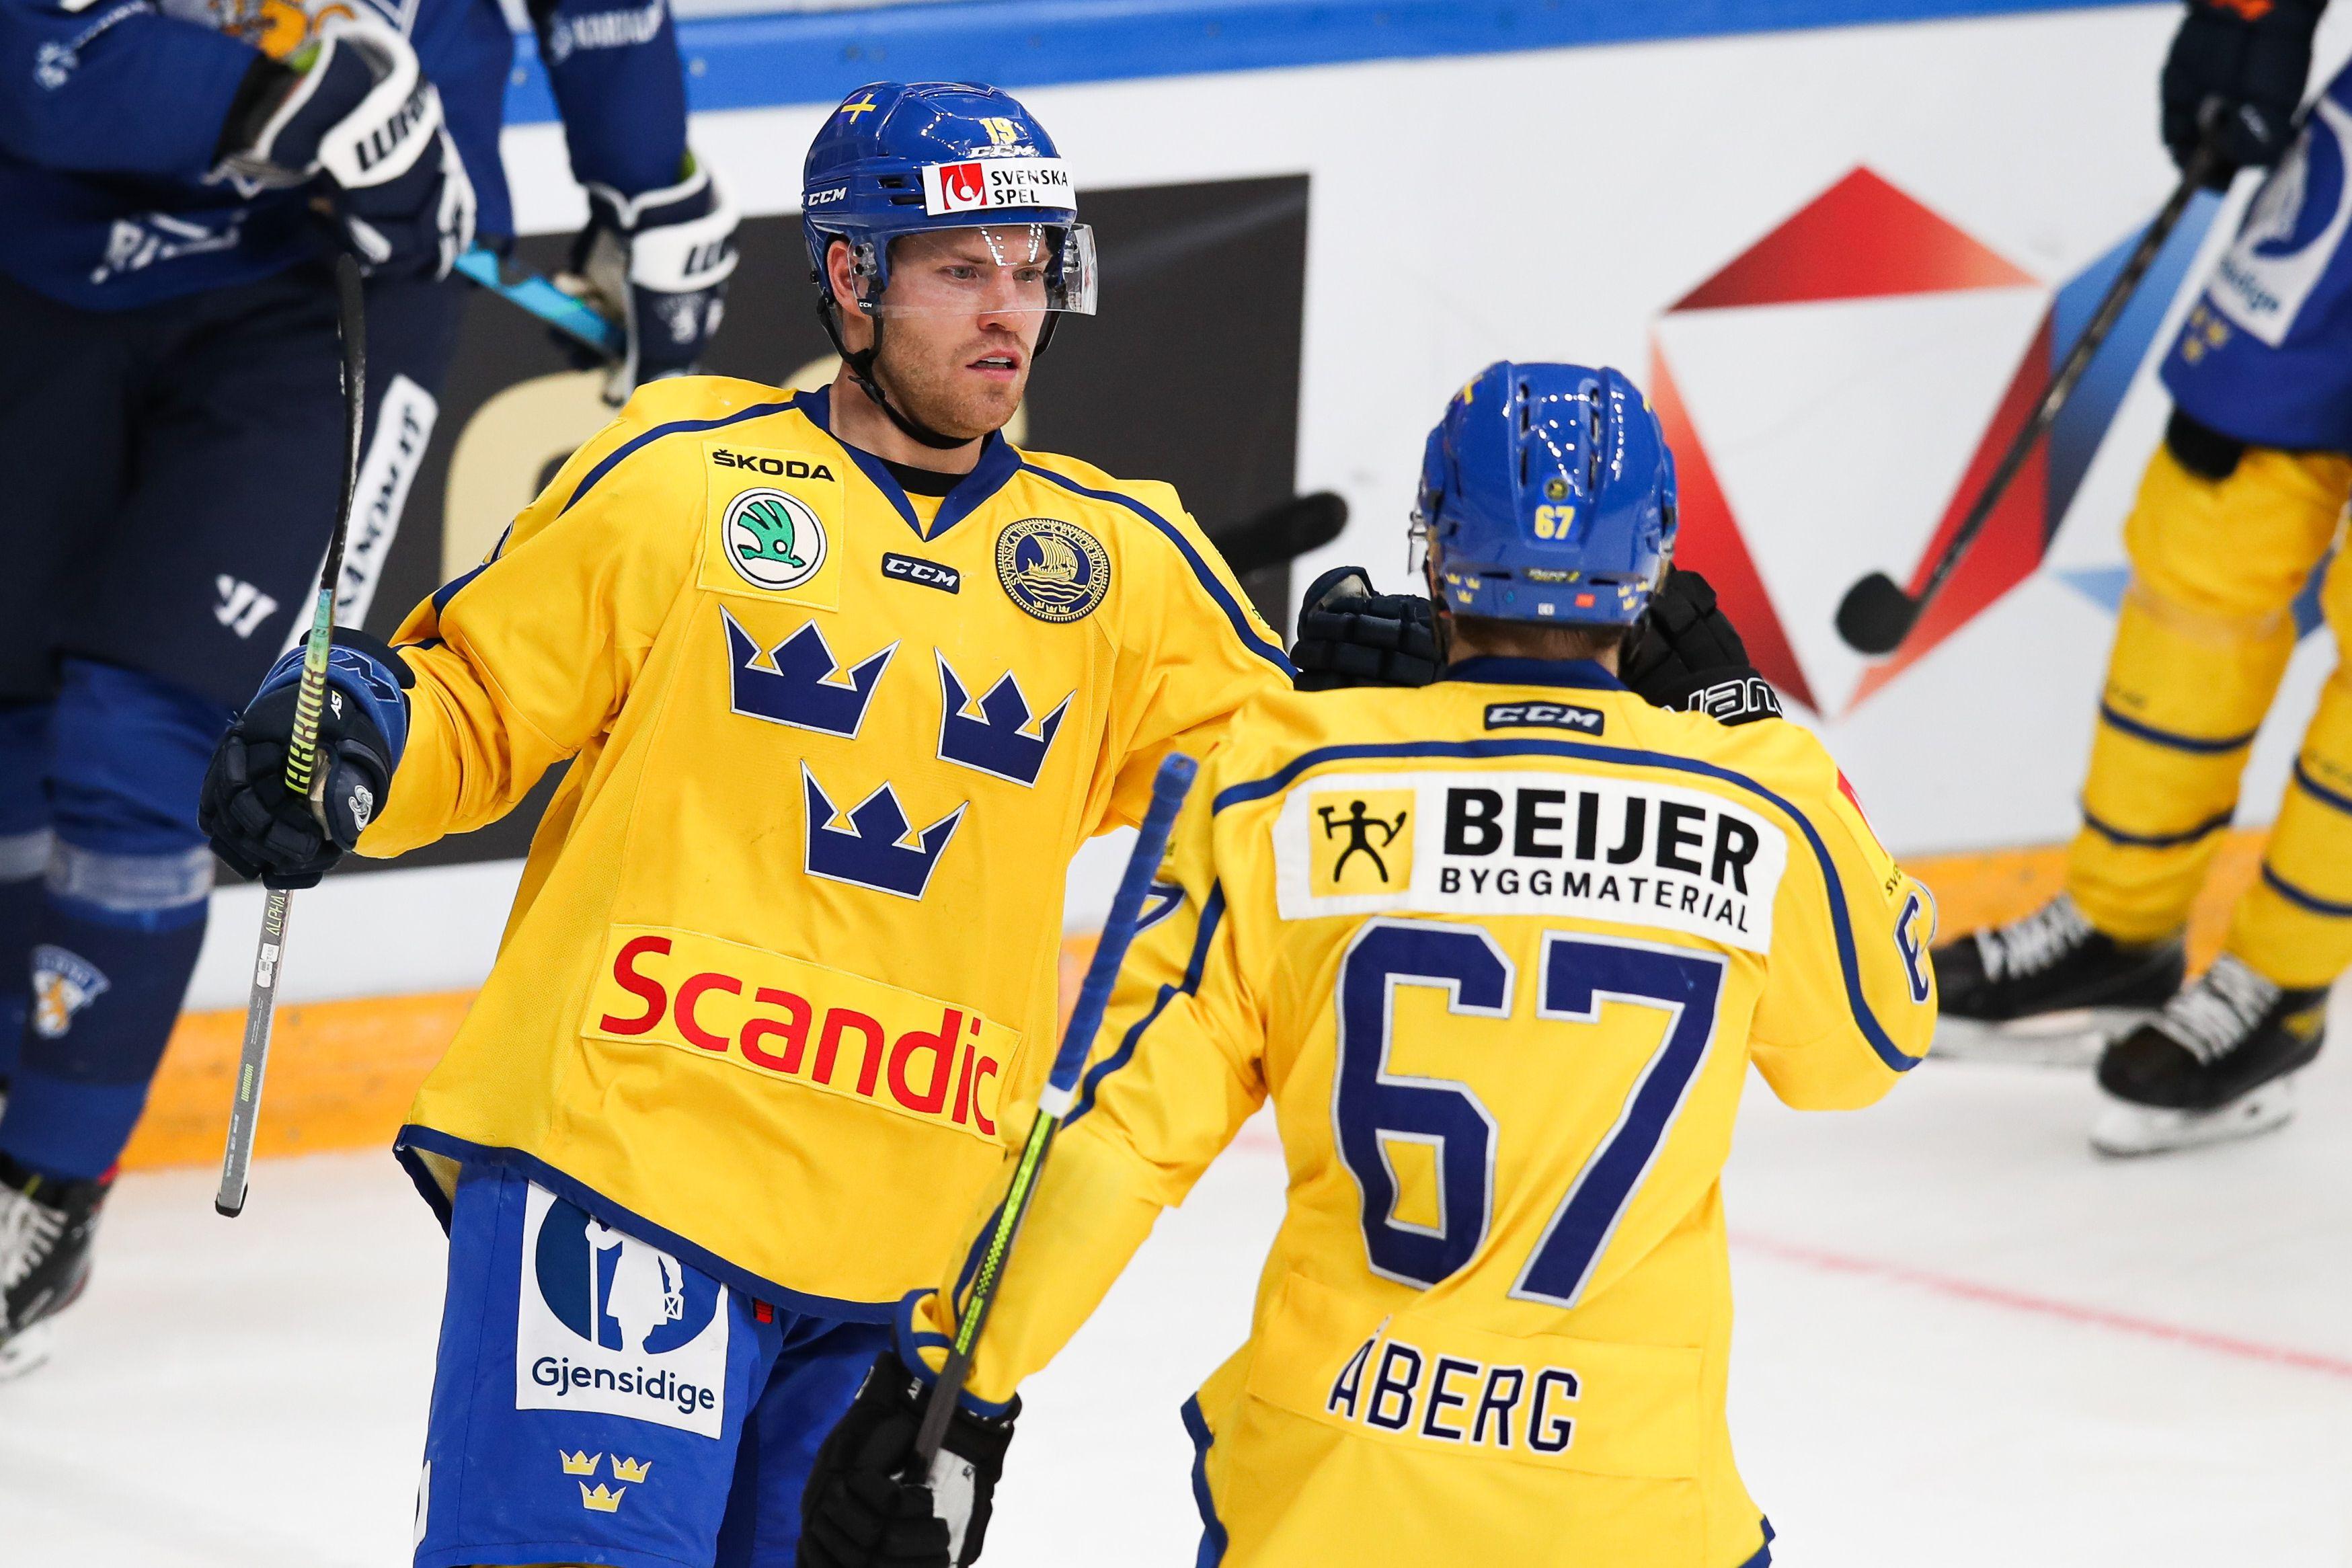 Дубль Линдберга принёс сборной Швеции победу над Финляндией на Кубке Первого канала